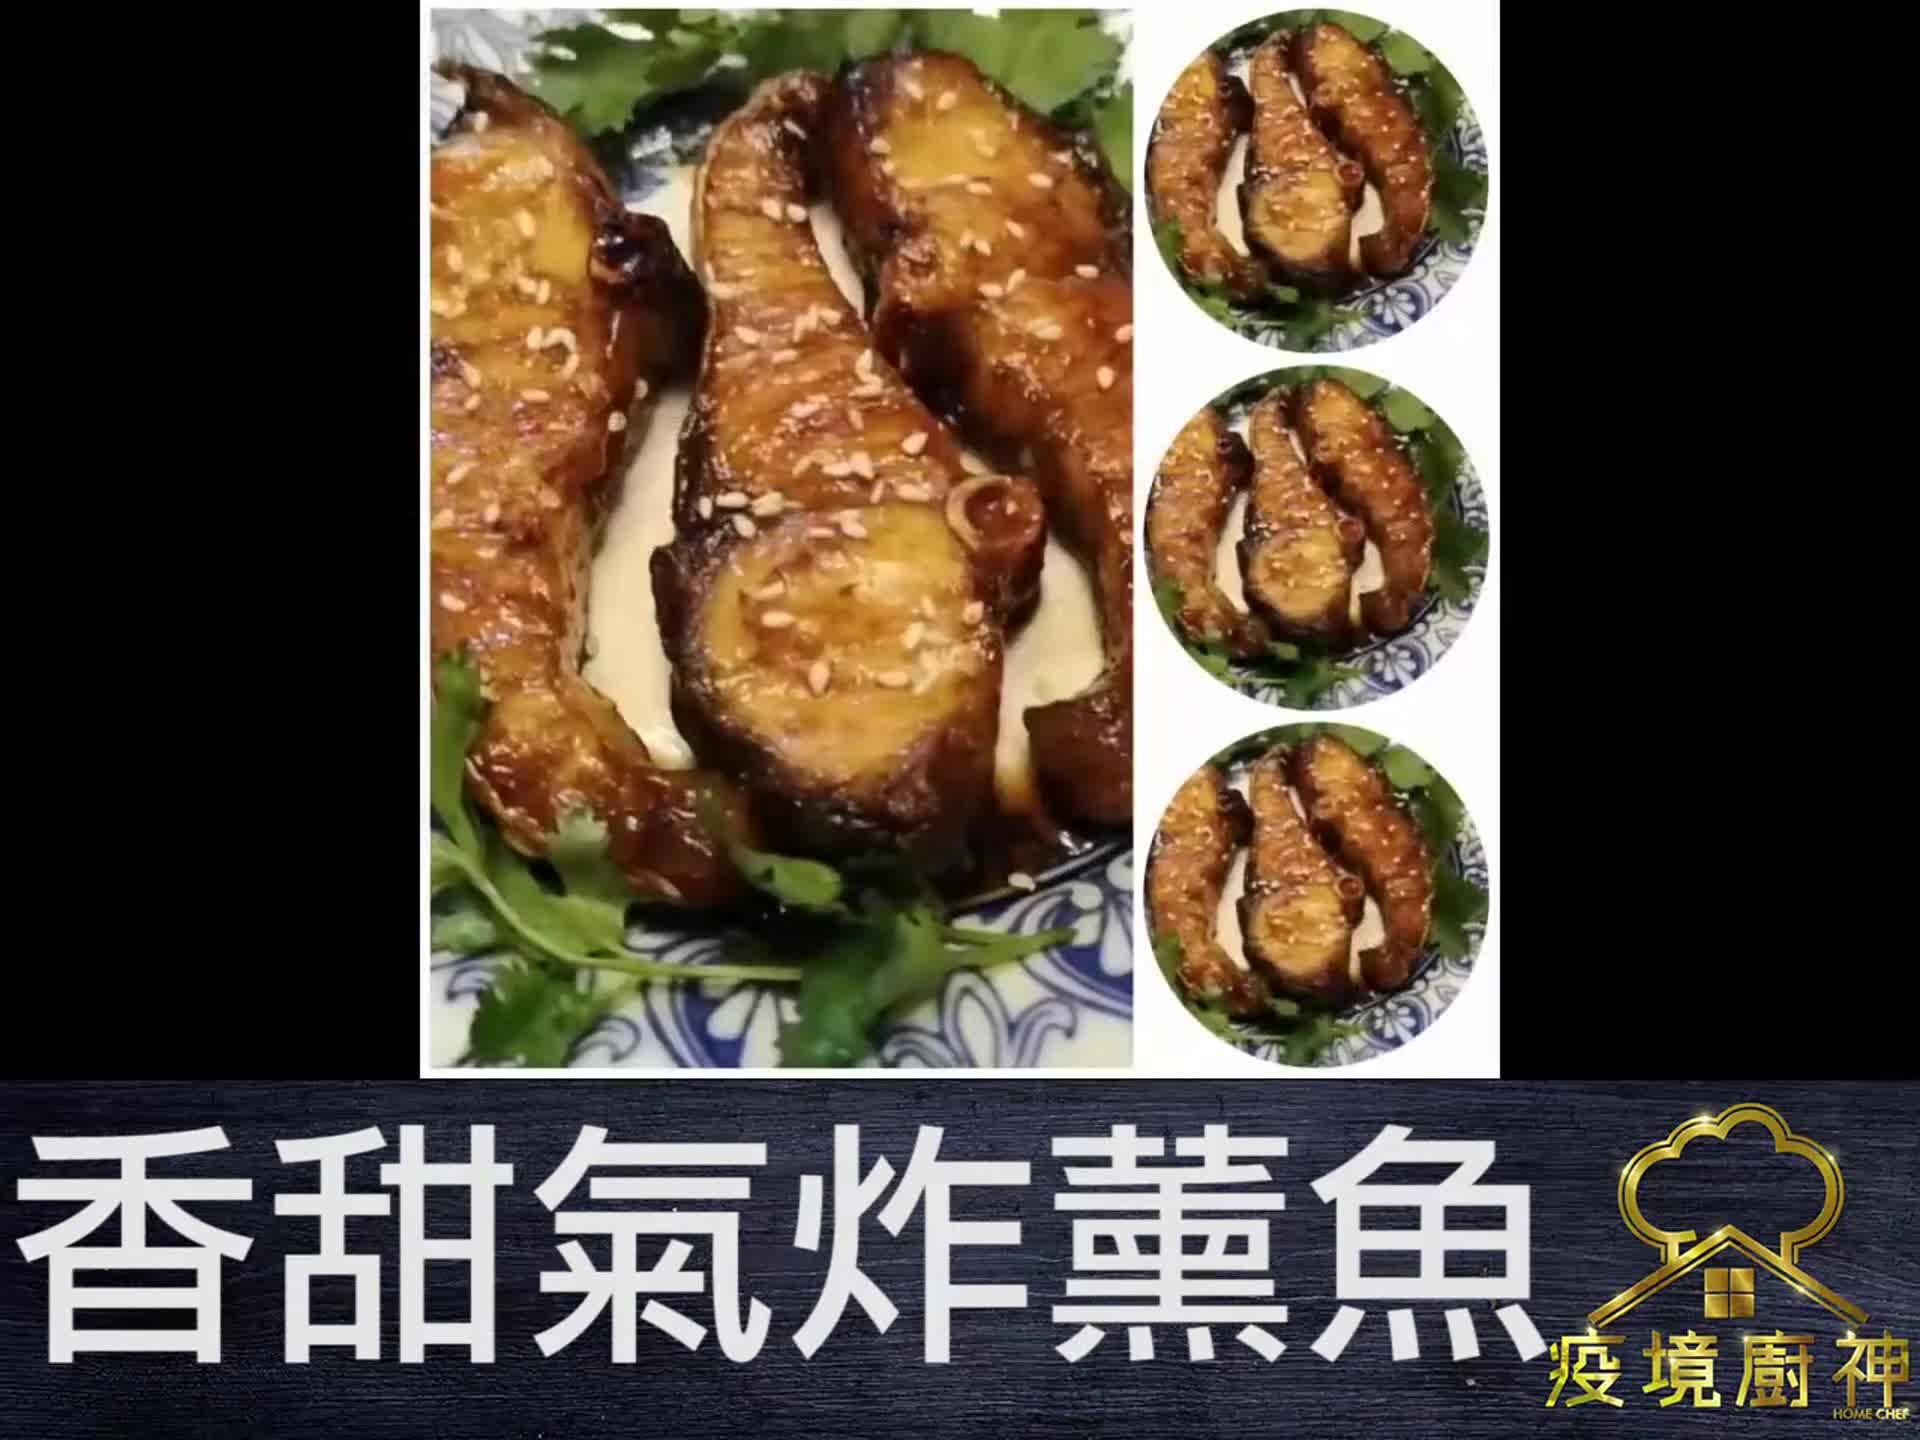 【香甜氣炸熏魚】上海熏魚脆甜惹味 做涼菜好啱夏天食!